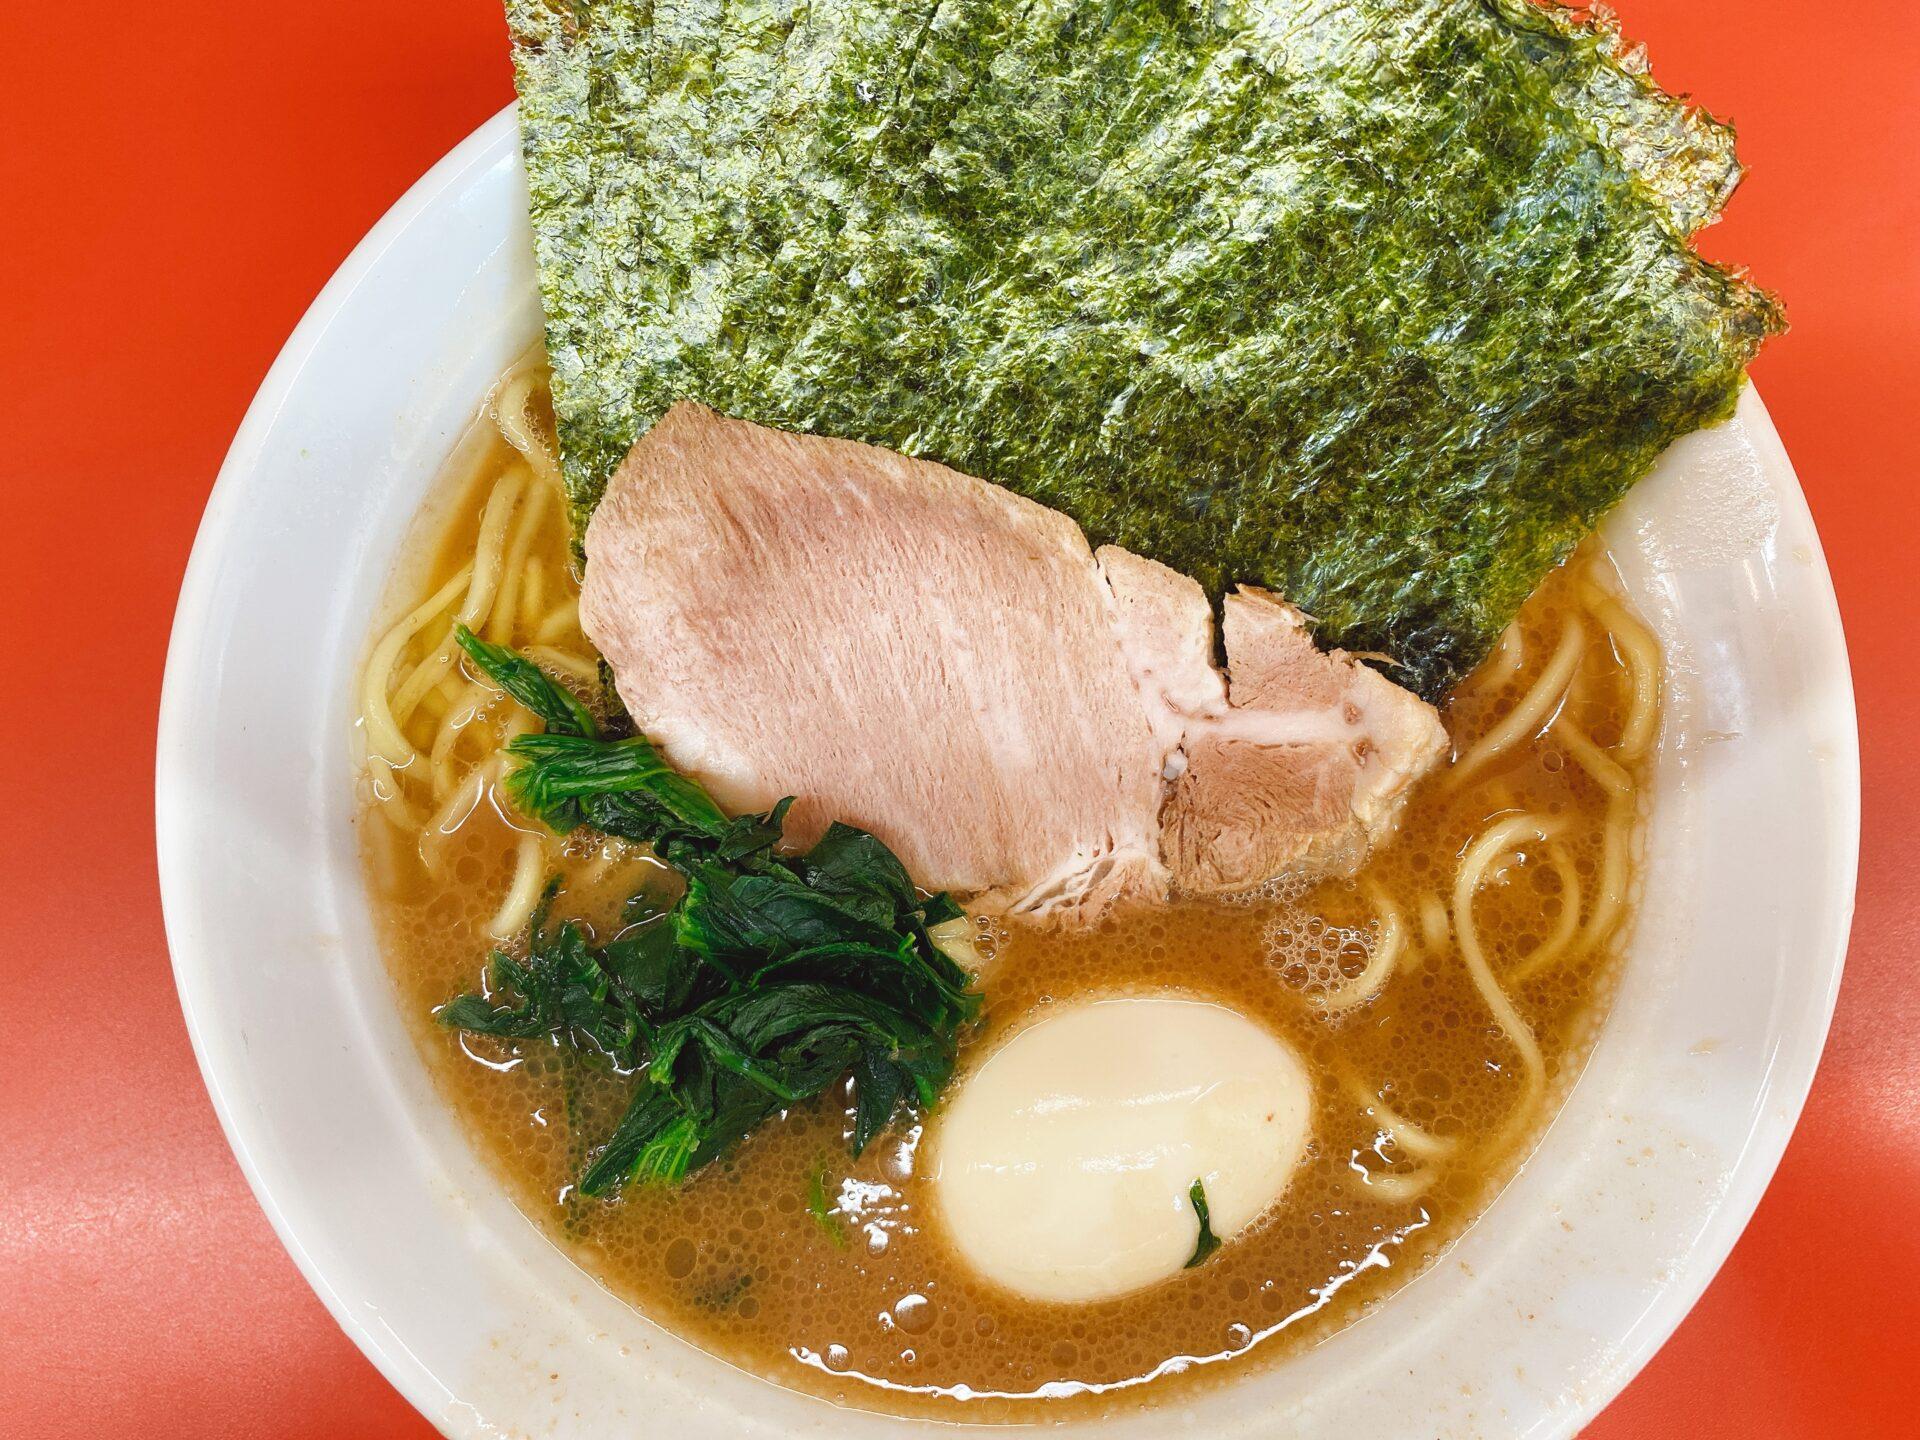 早島駅から車で5分【ラーメン成瀬家】開店前から行列の人気の家系ラーメン!濃厚な豚骨がクセになる!